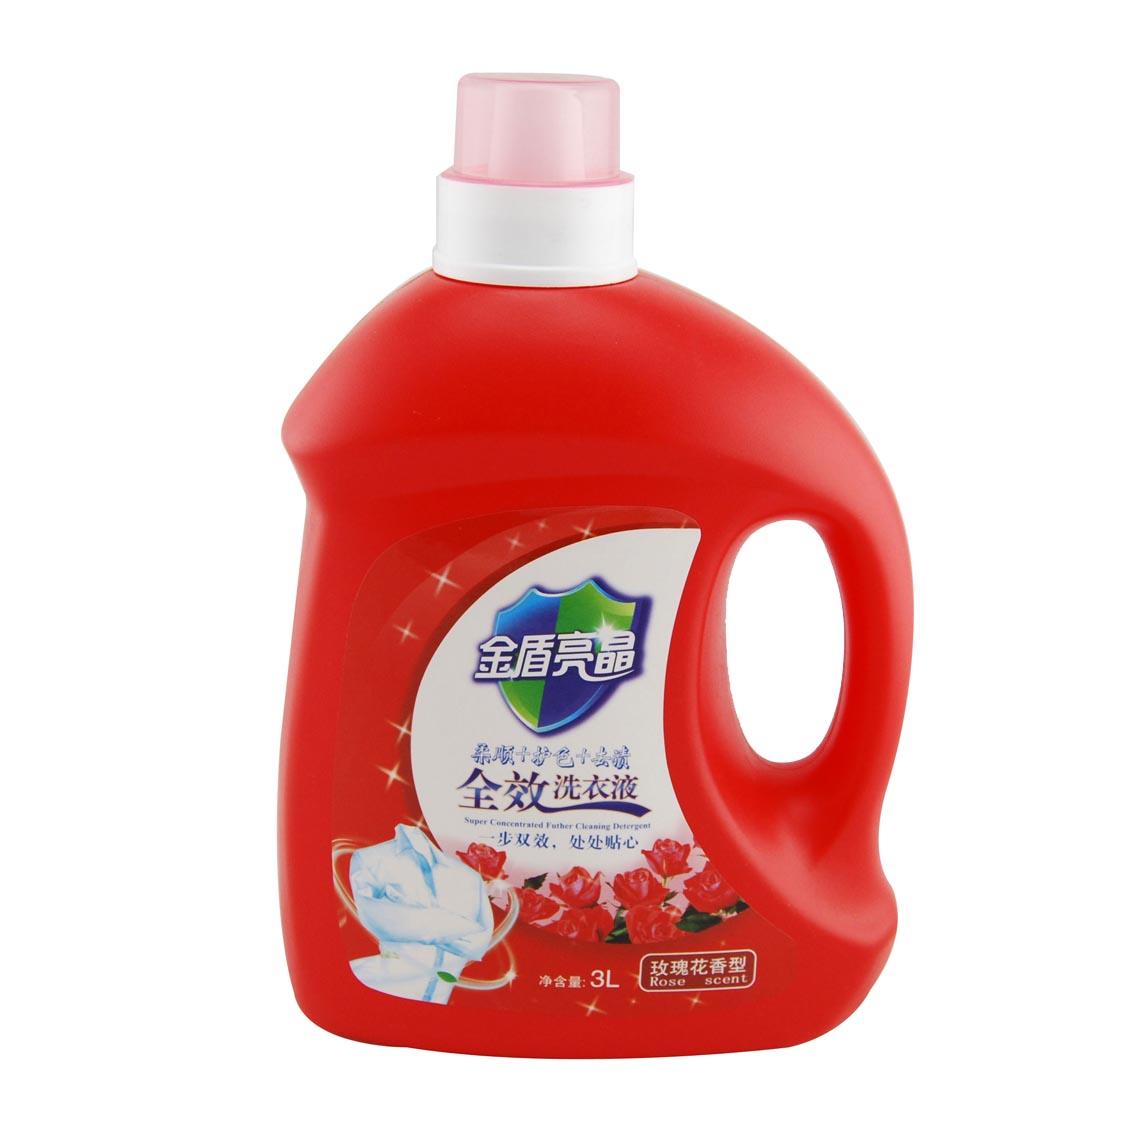 金盾亮晶 洗衣液3L(全效/玫瑰花香)